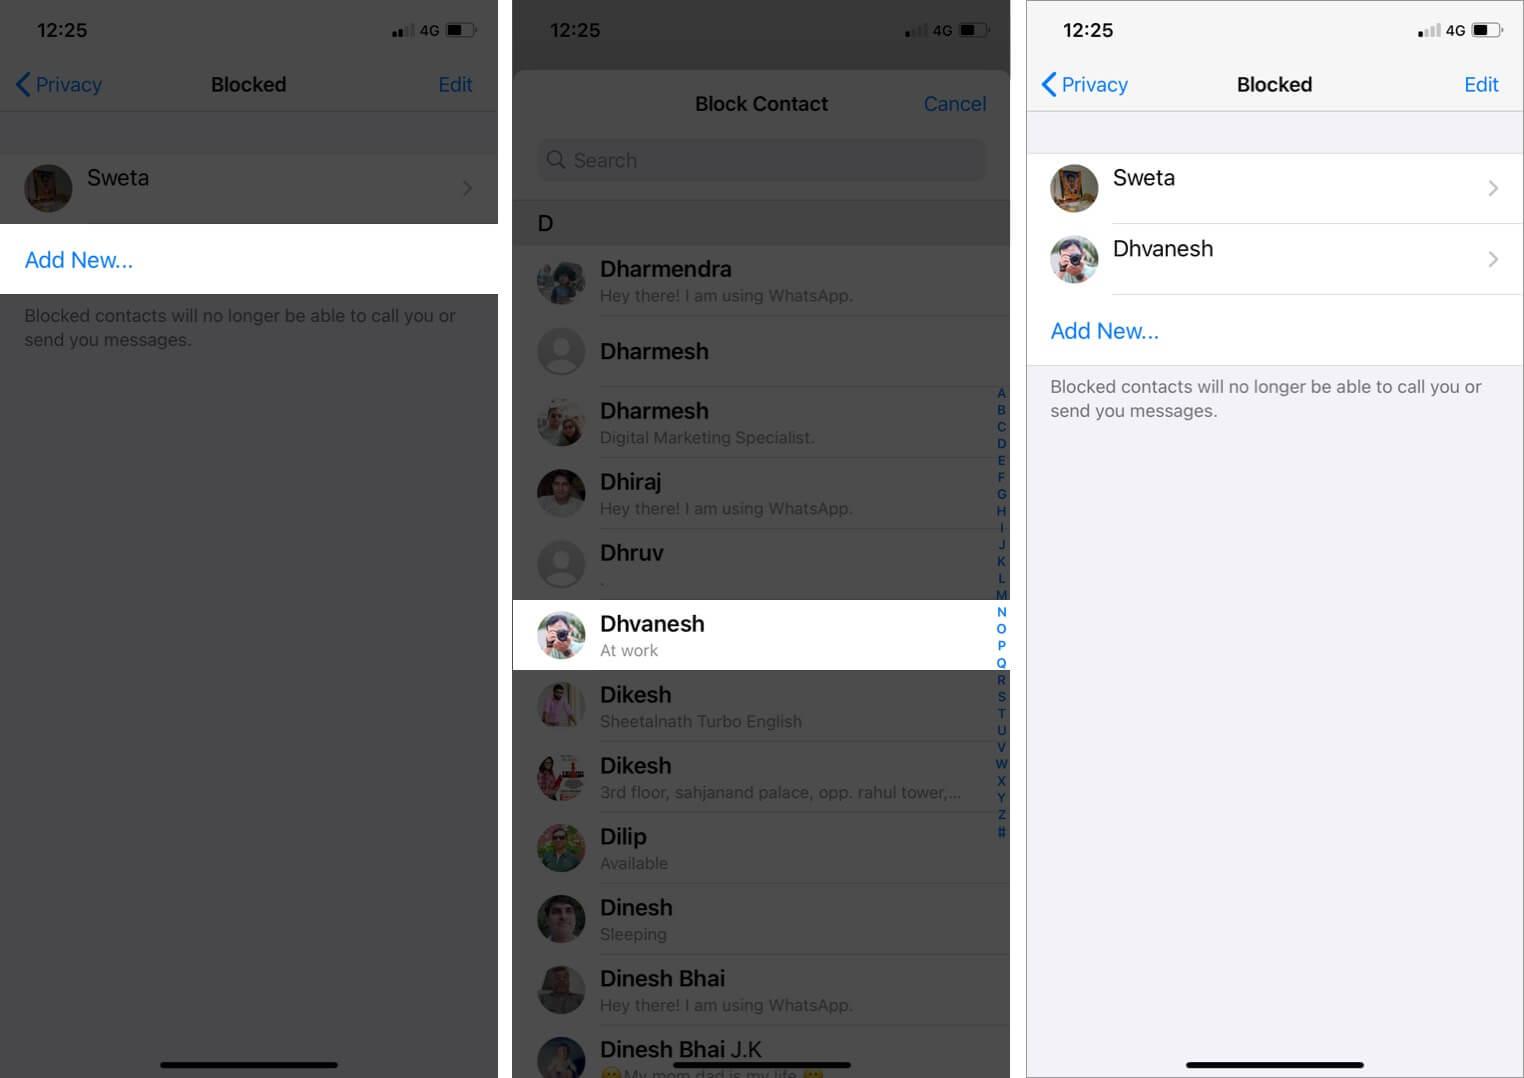 block contact via whatapp settings on iphone